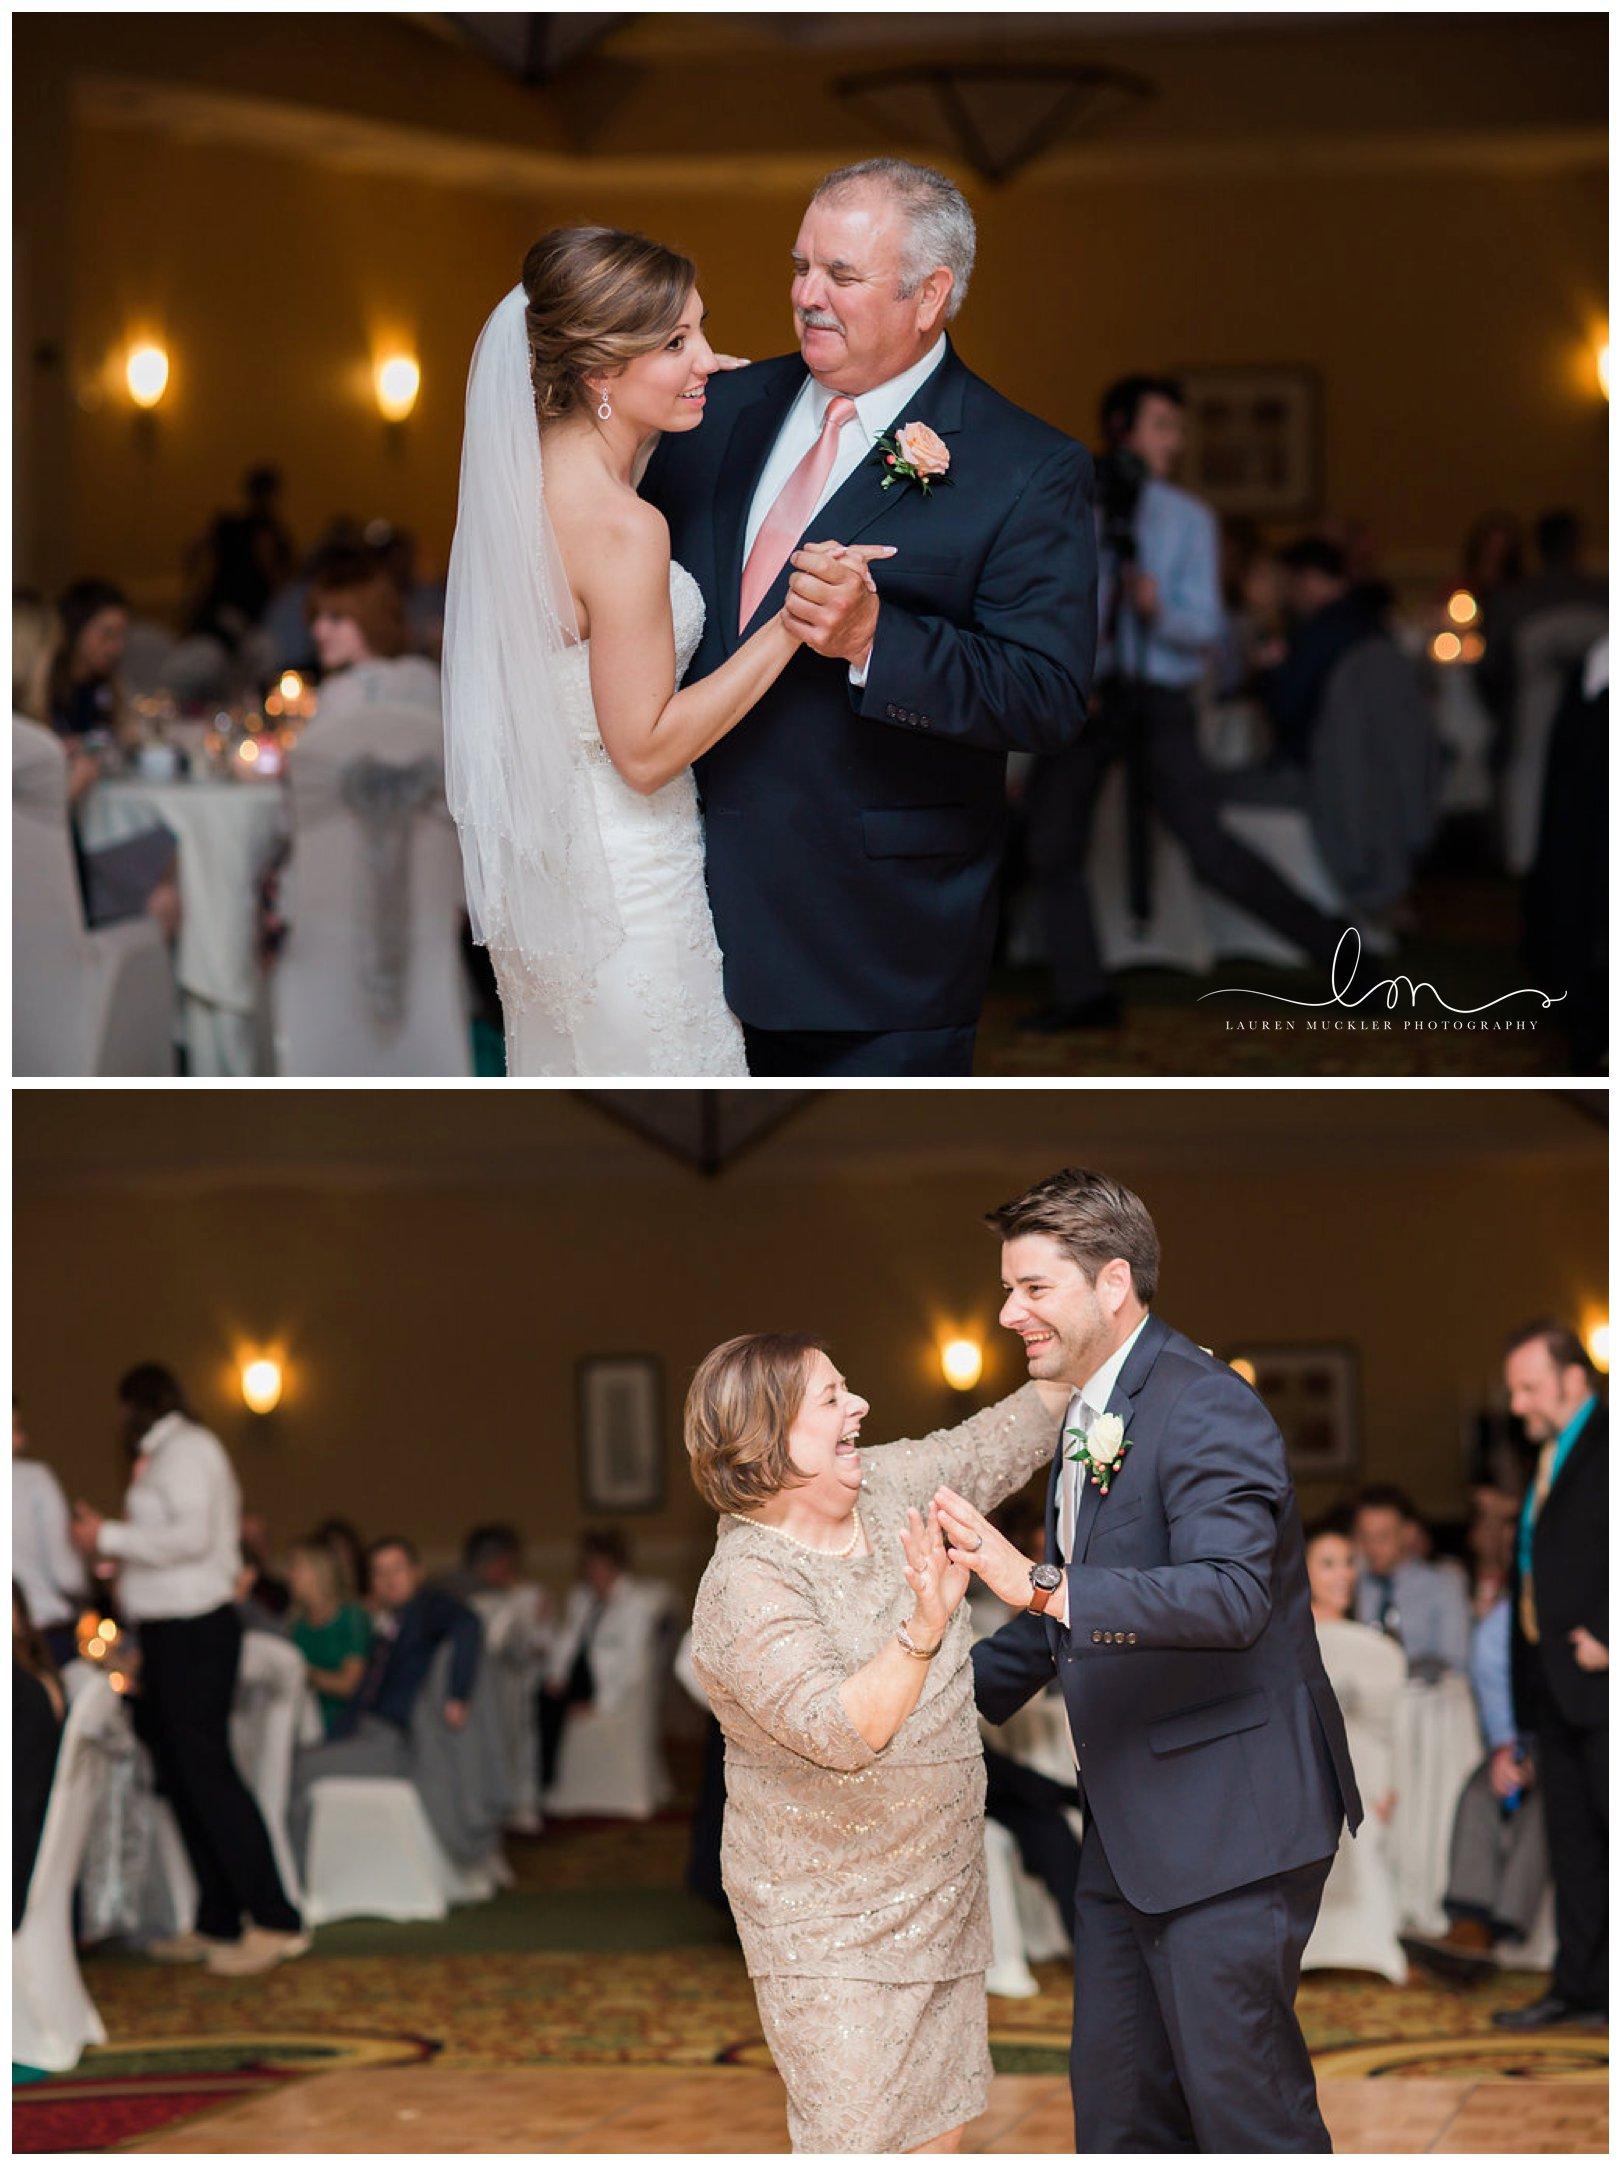 lauren muckler photography_fine art film wedding photography_st louis_photography_0027.jpg